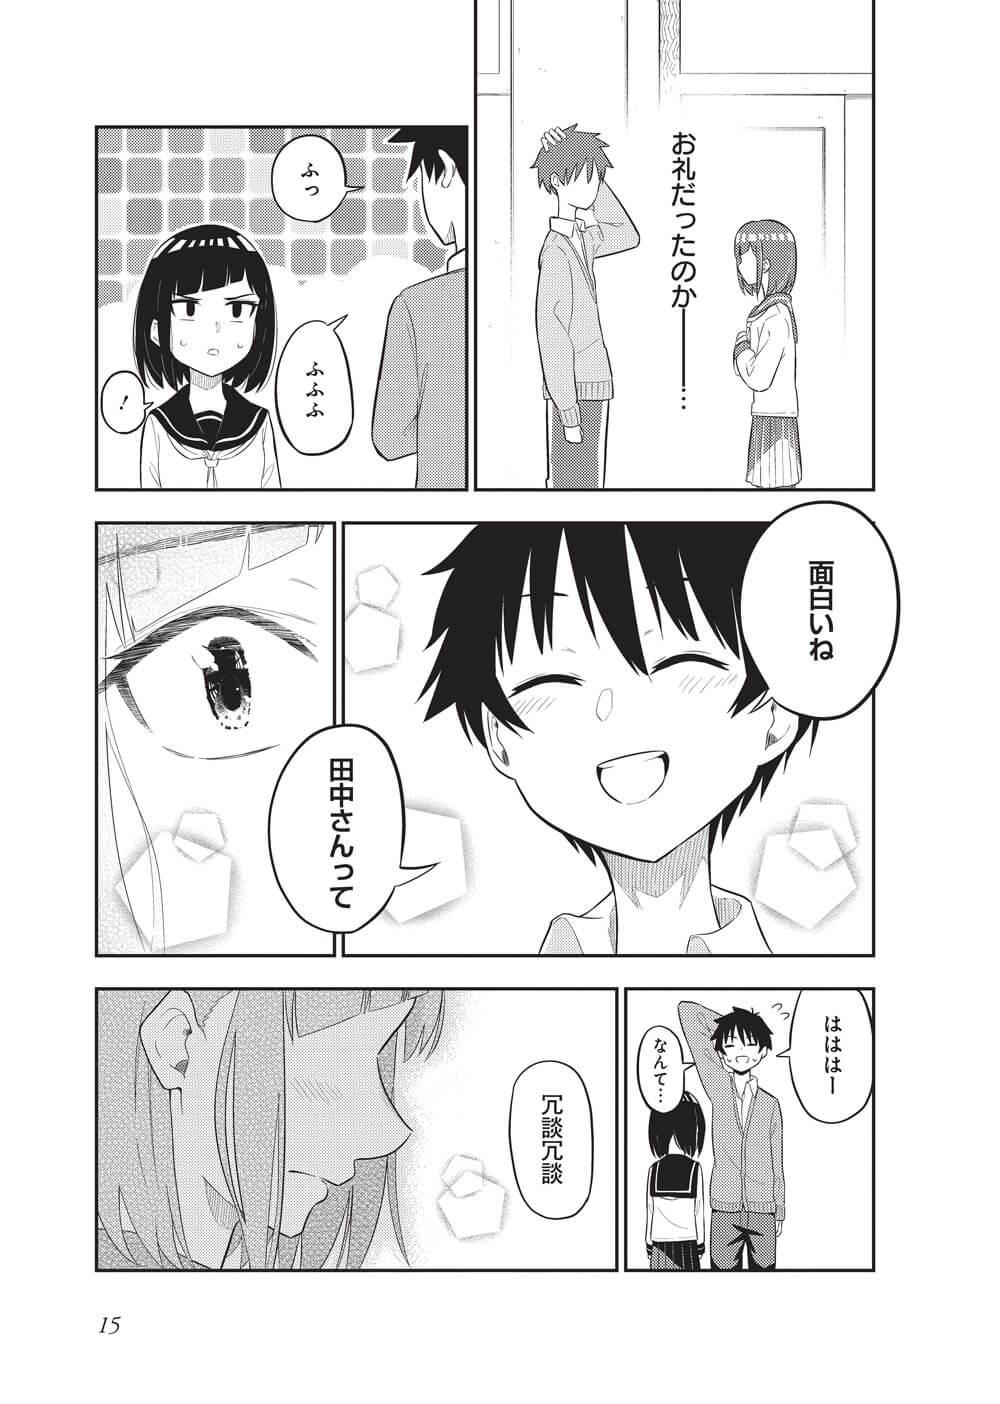 クラスメイトの田中さんはすごく怖い-1-13